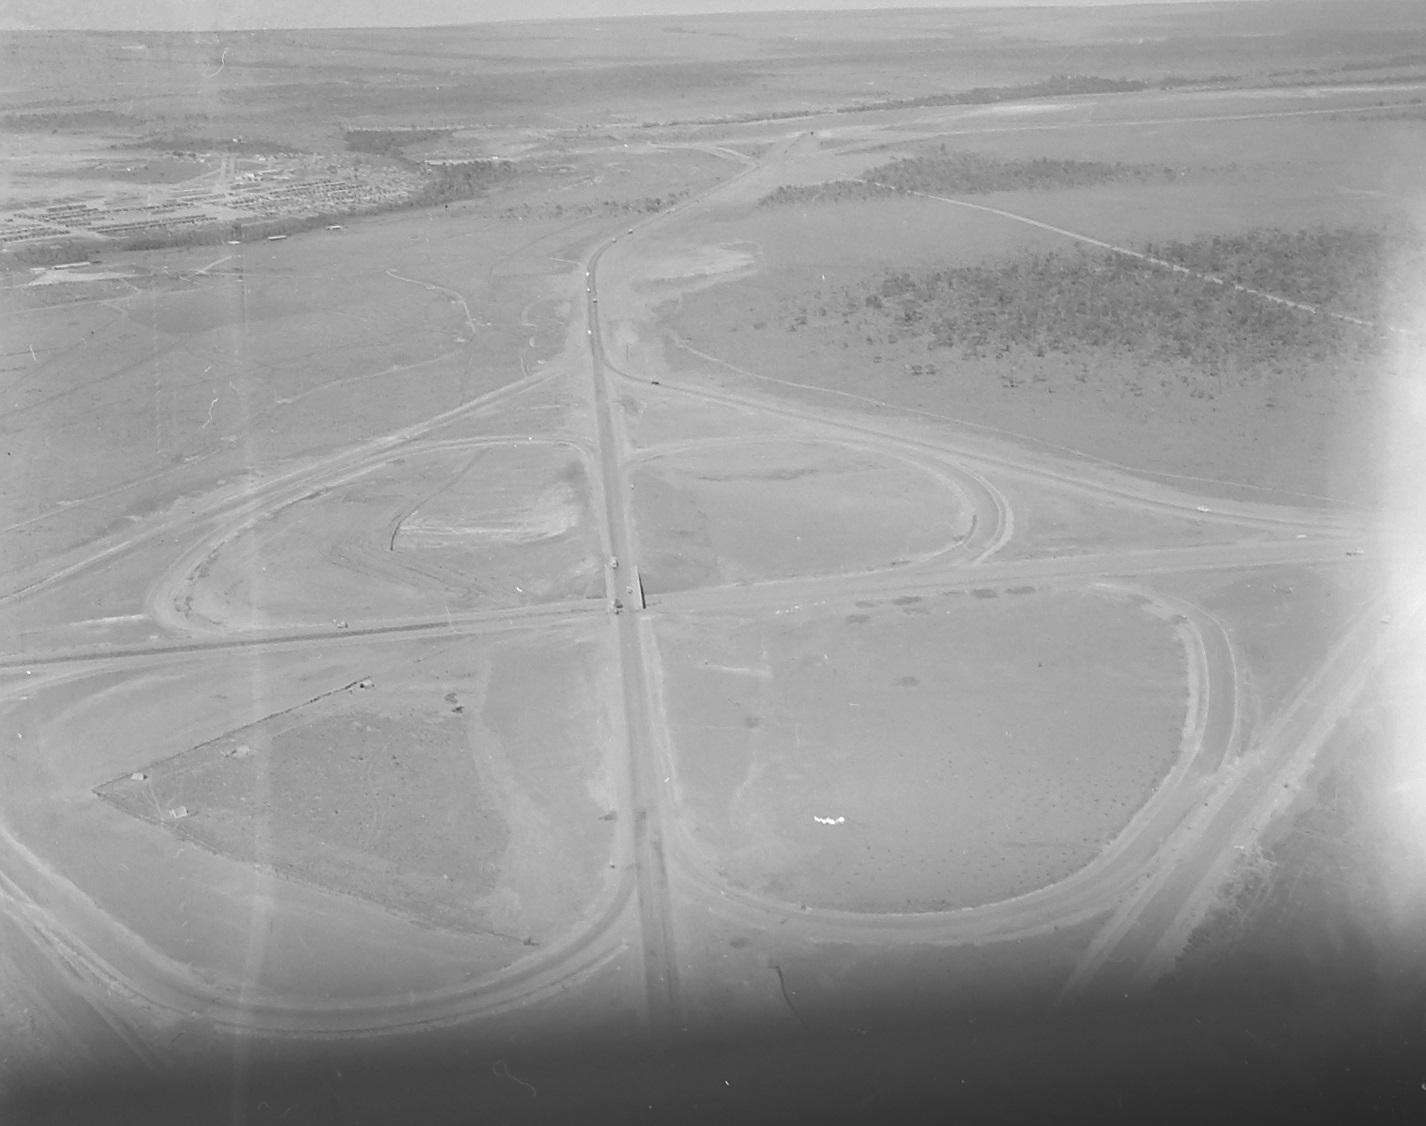 Construção de Brasília (DF) na década de 1950 e Plano Piloto atualmente